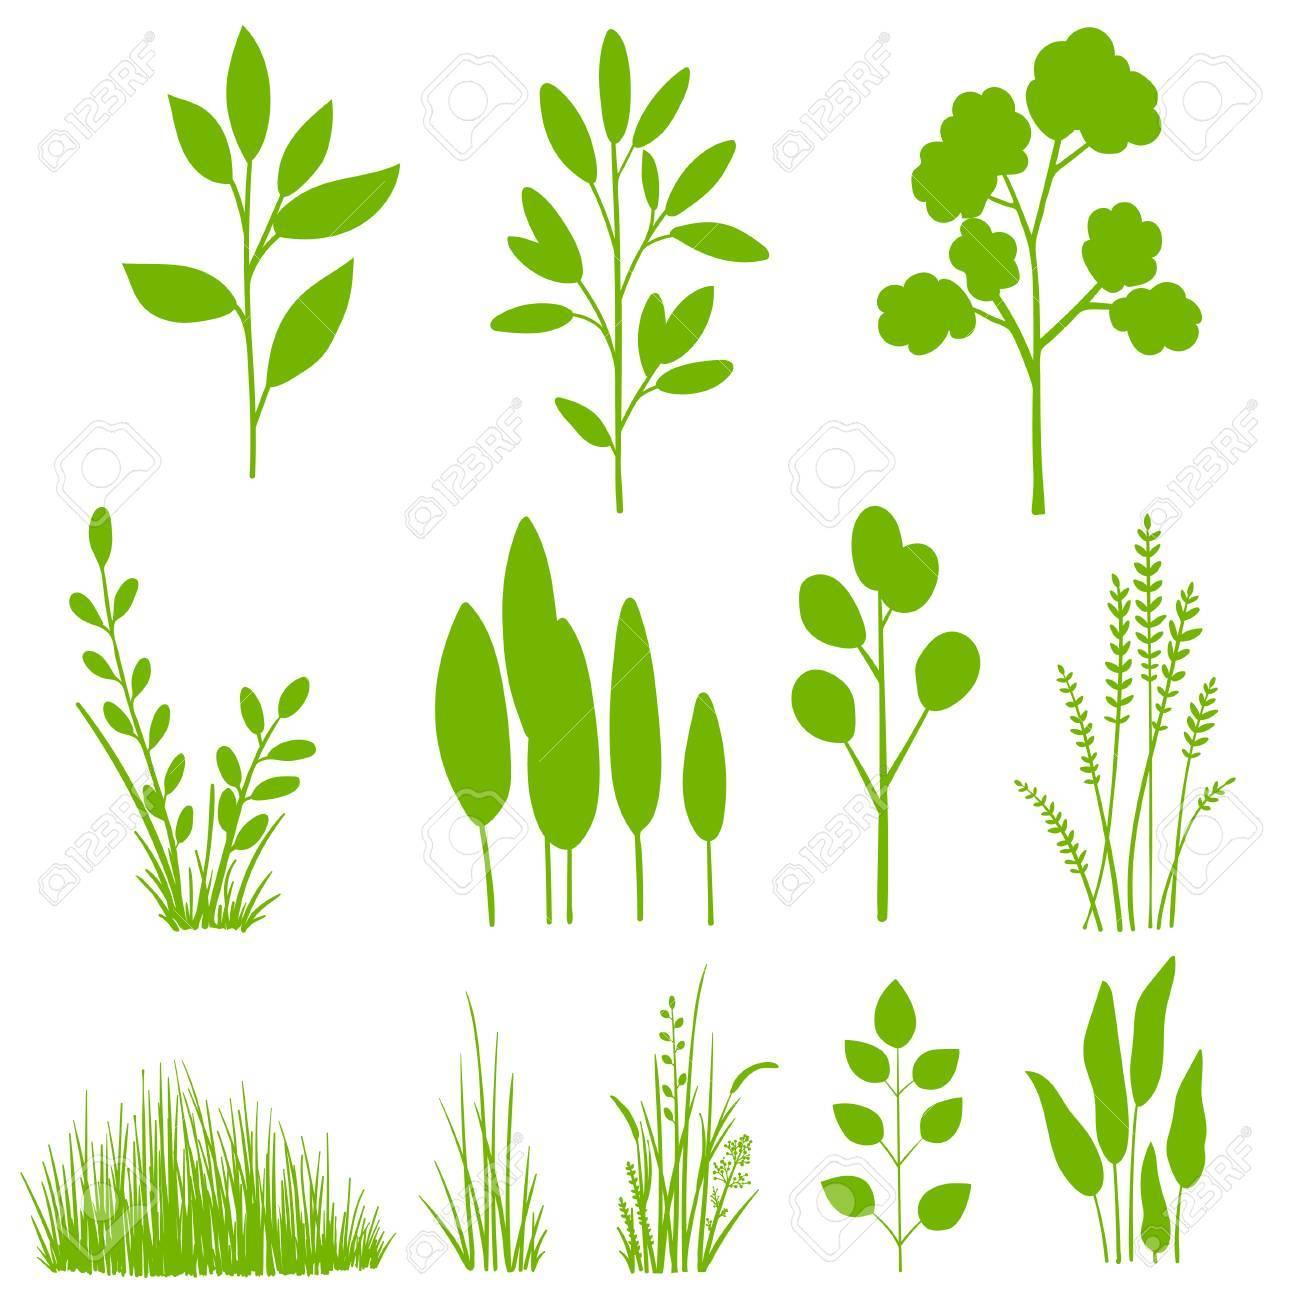 植物葉木のセットです植物クリップ アートグラフィック デザイン